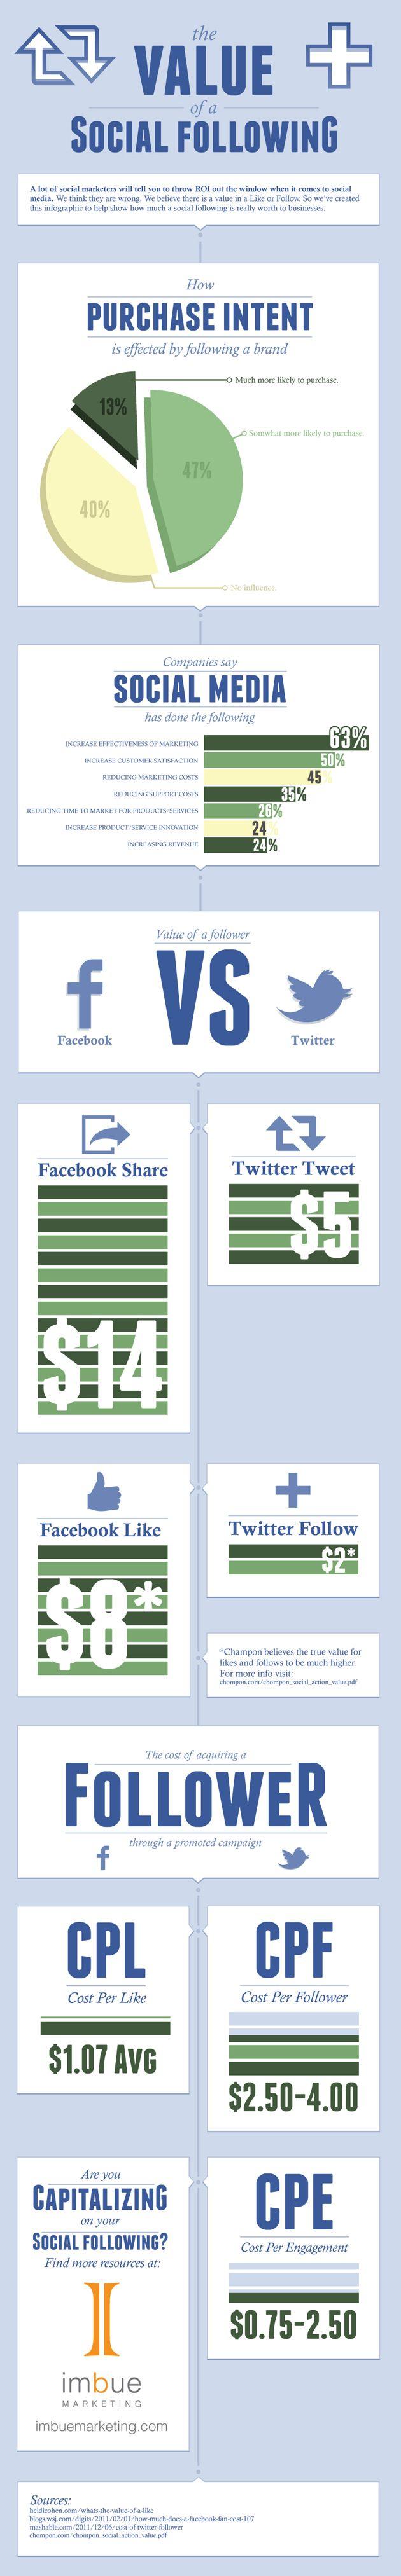 social media  value :Tweet V Likes #socialmedia